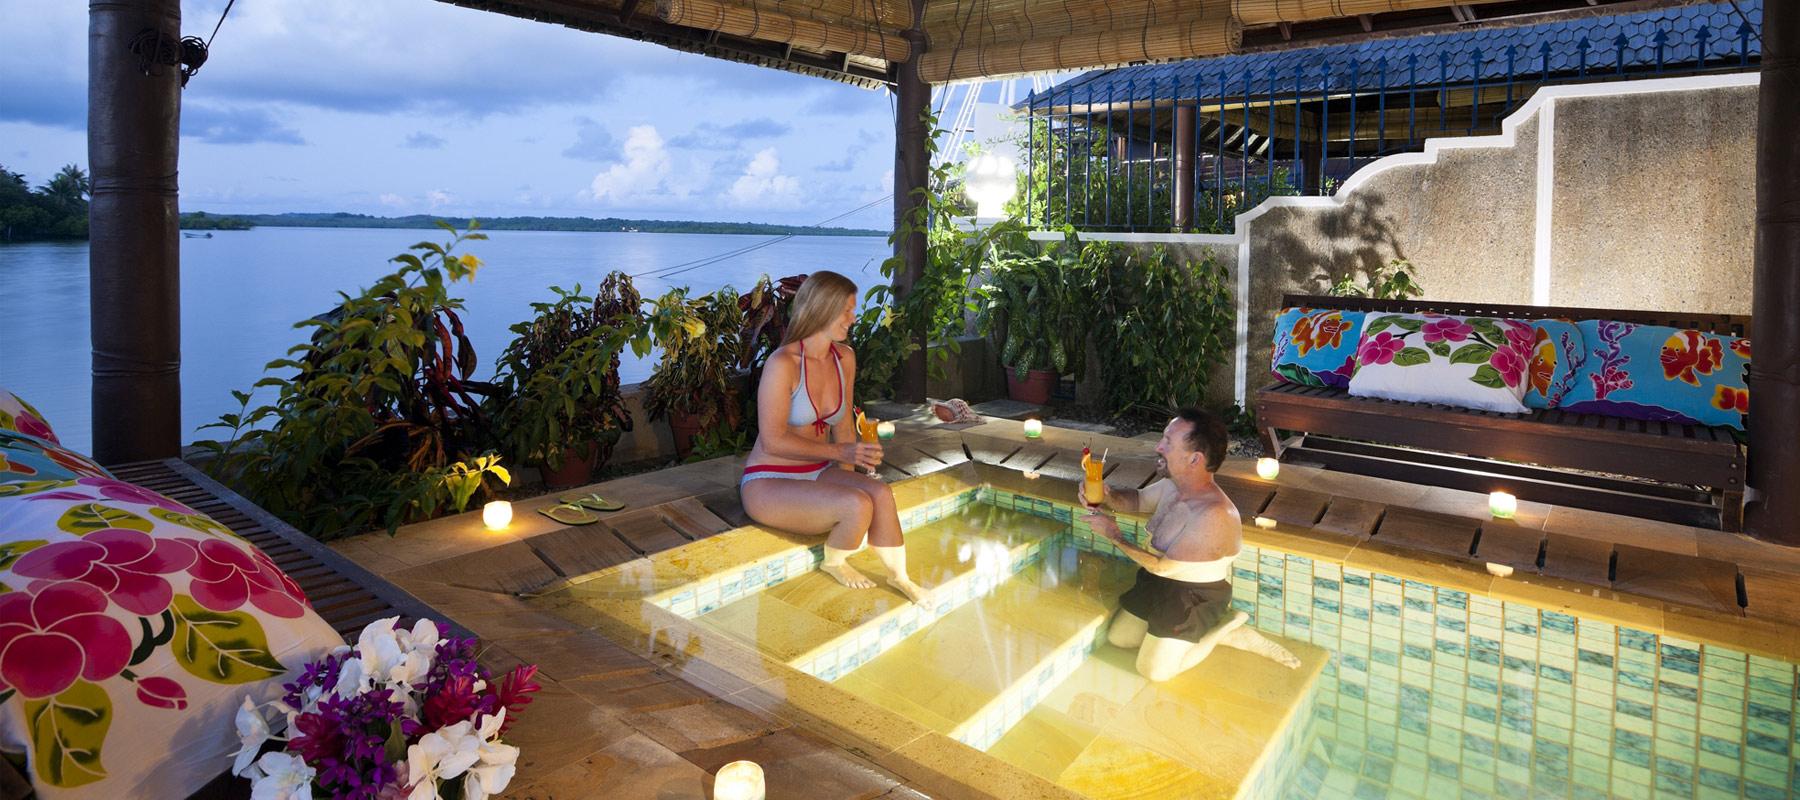 manta ray bay resort pool